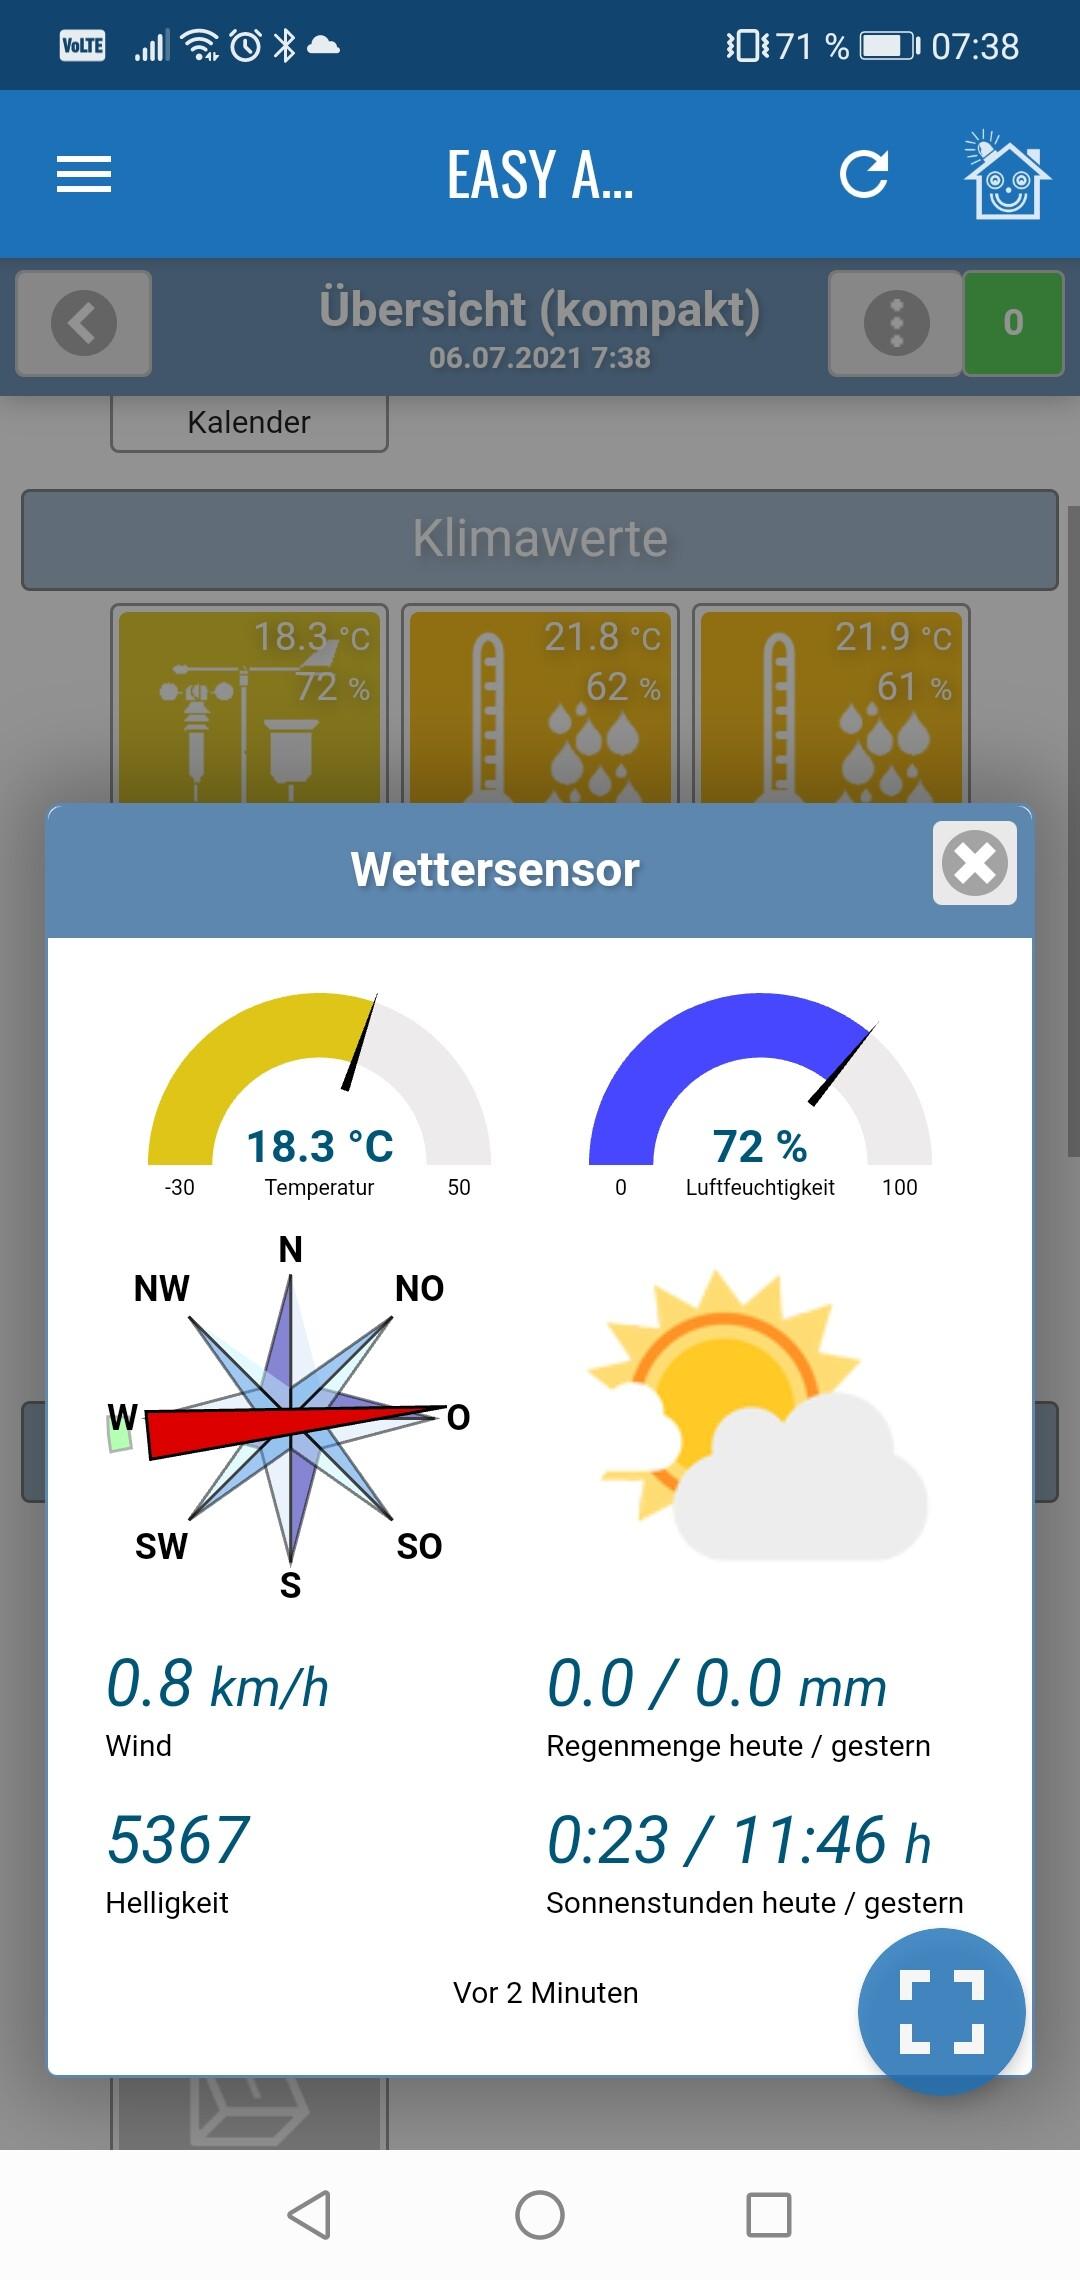 Screenshot_20210706_073853_com.easysmarthome.easyapp